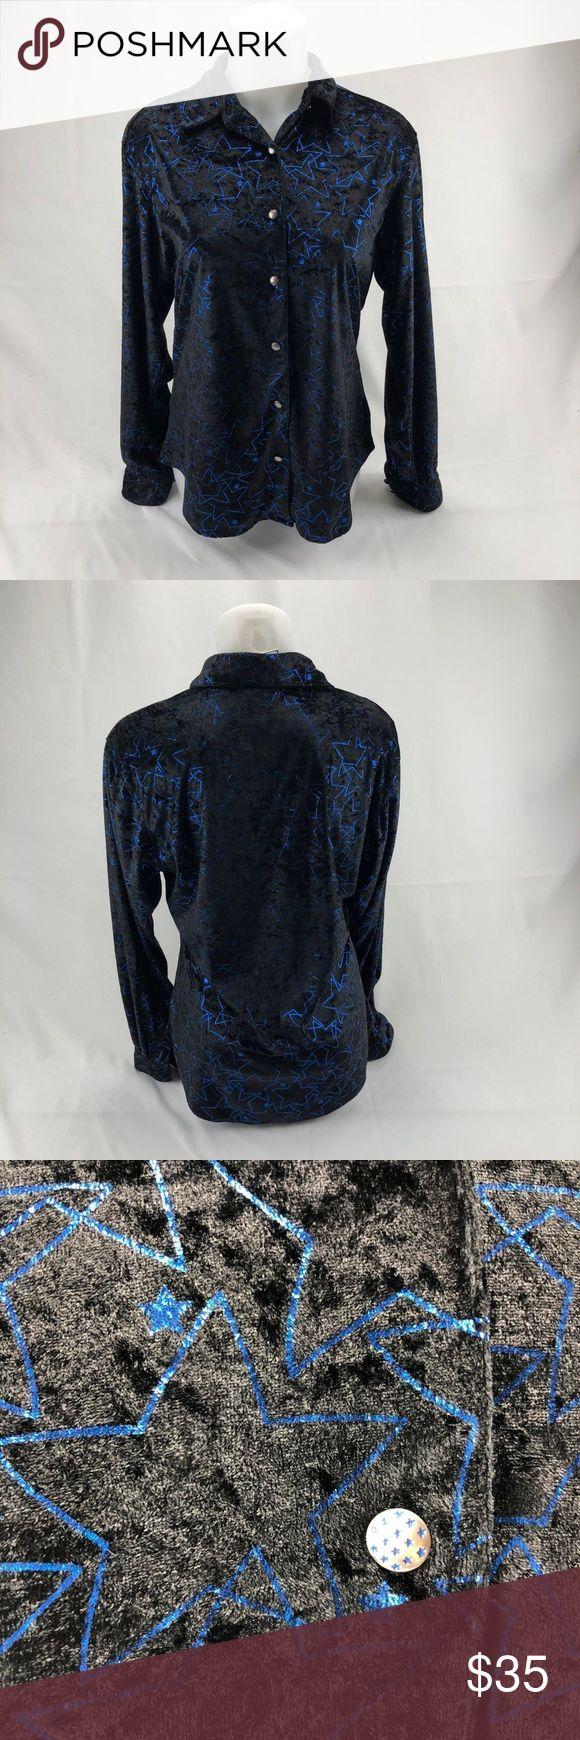 2631 Best My Posh Picks Images On Pinterest Rodeo Bundling 6 Wrangler Womens Shirt Velvet Black S O7